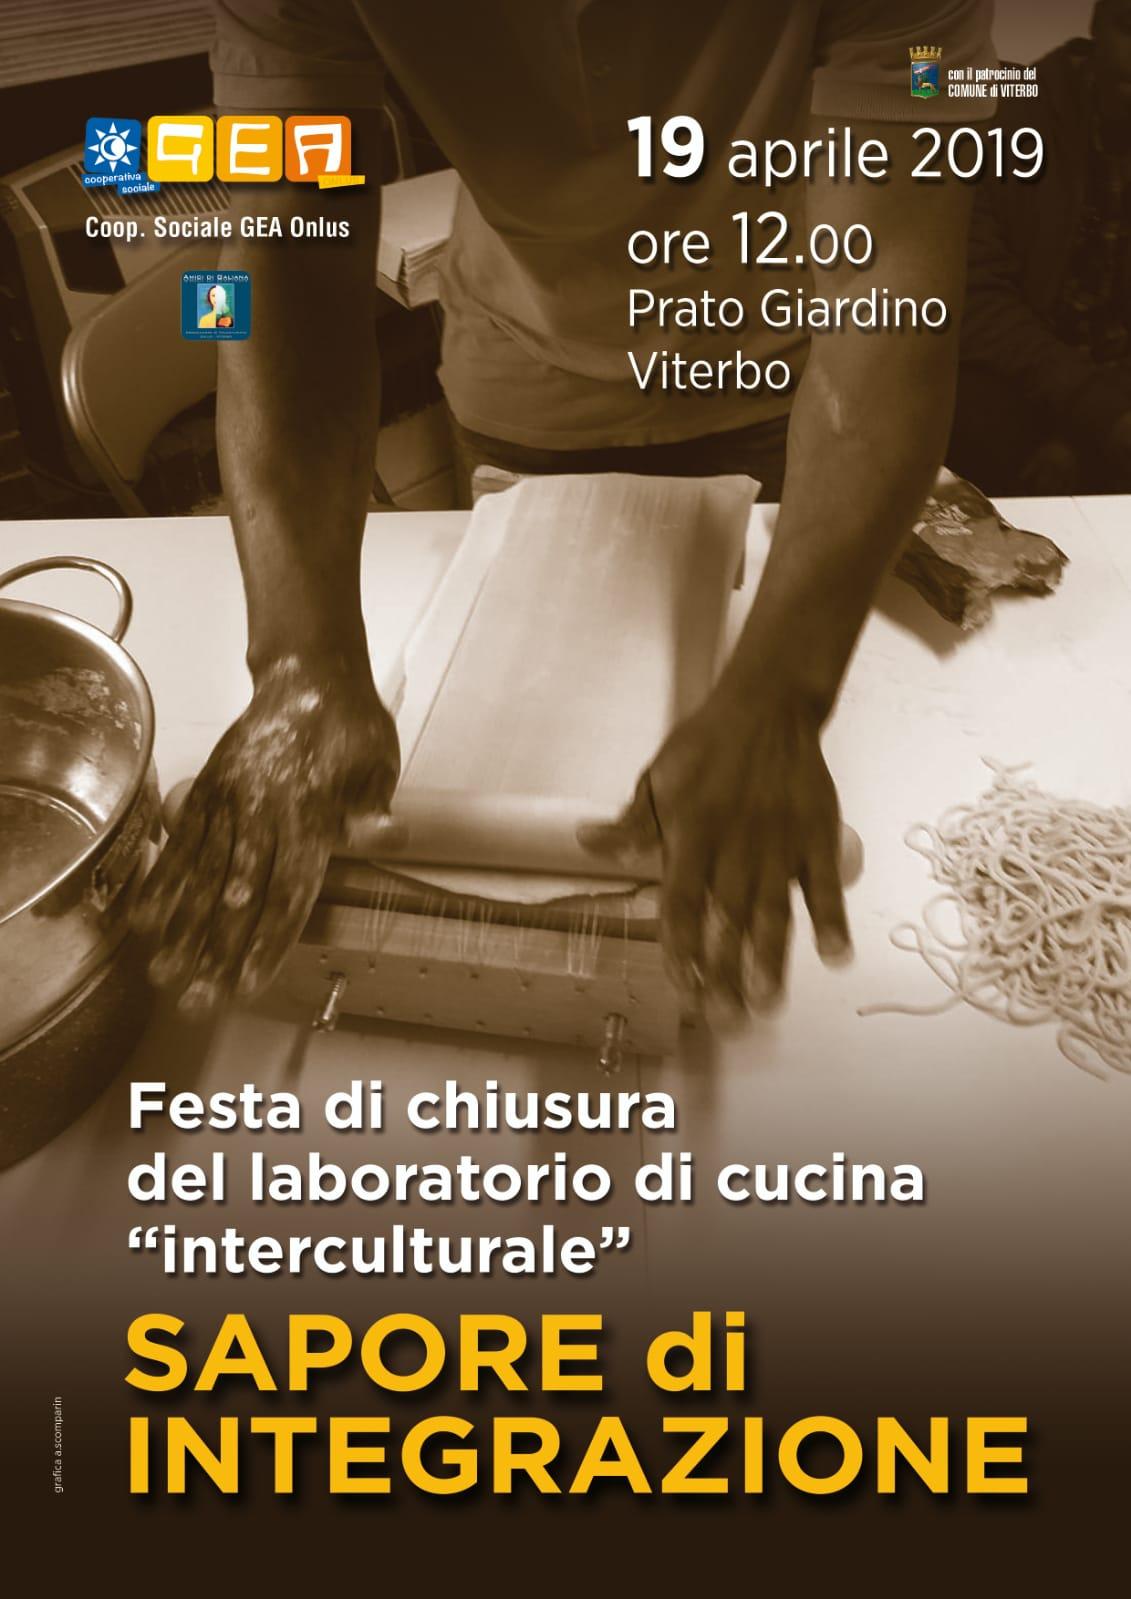 """Viterbo, eventi: """"Sapore di integrazione"""", a Prato Giardino la festa di chiusura del laboratorio di cucina """"interculturale"""""""